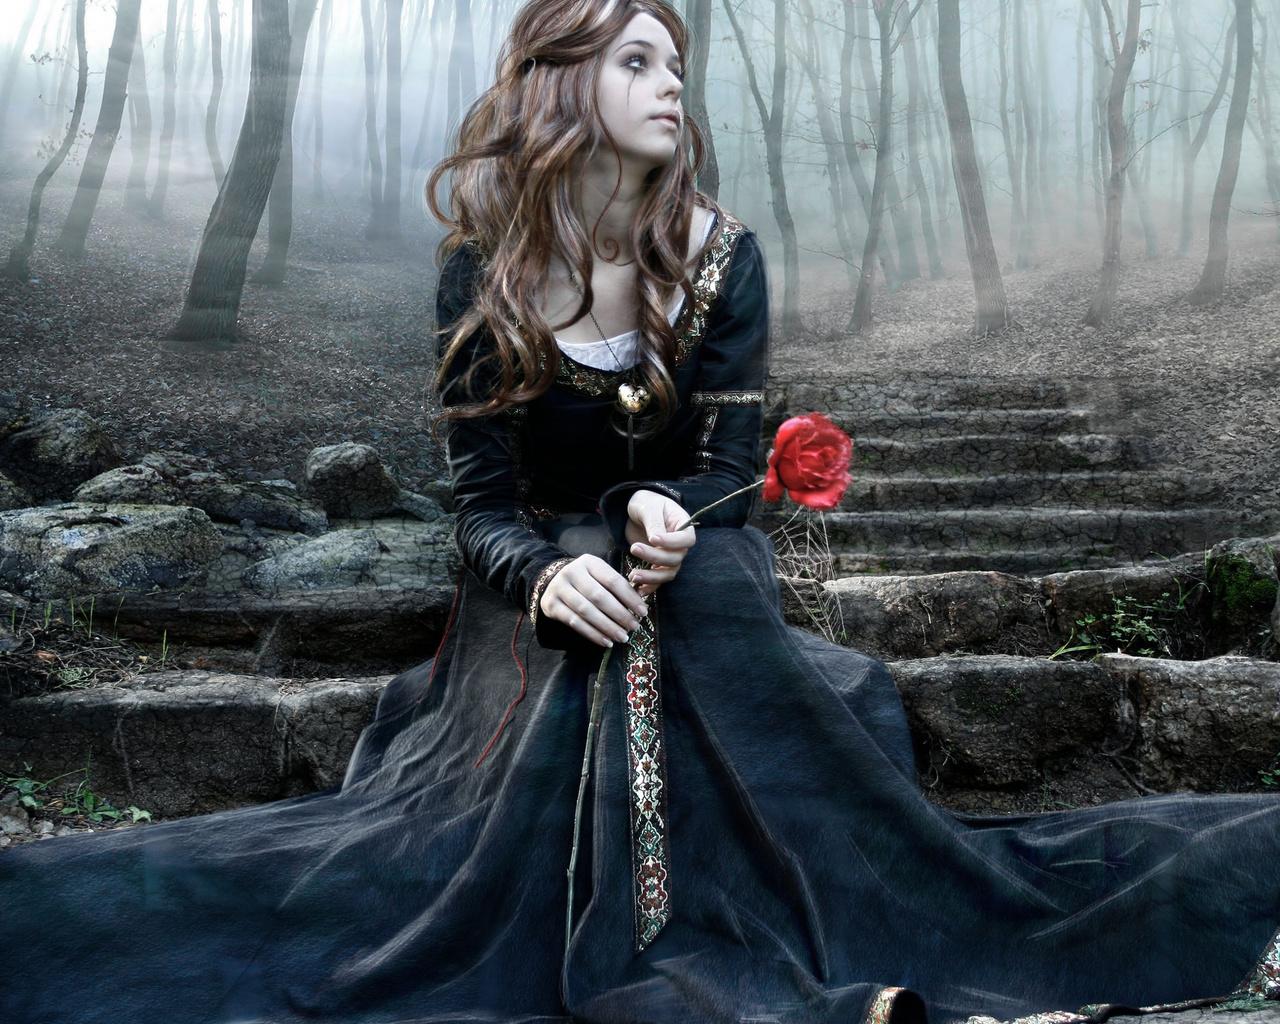 fantasy girl, роза, готика